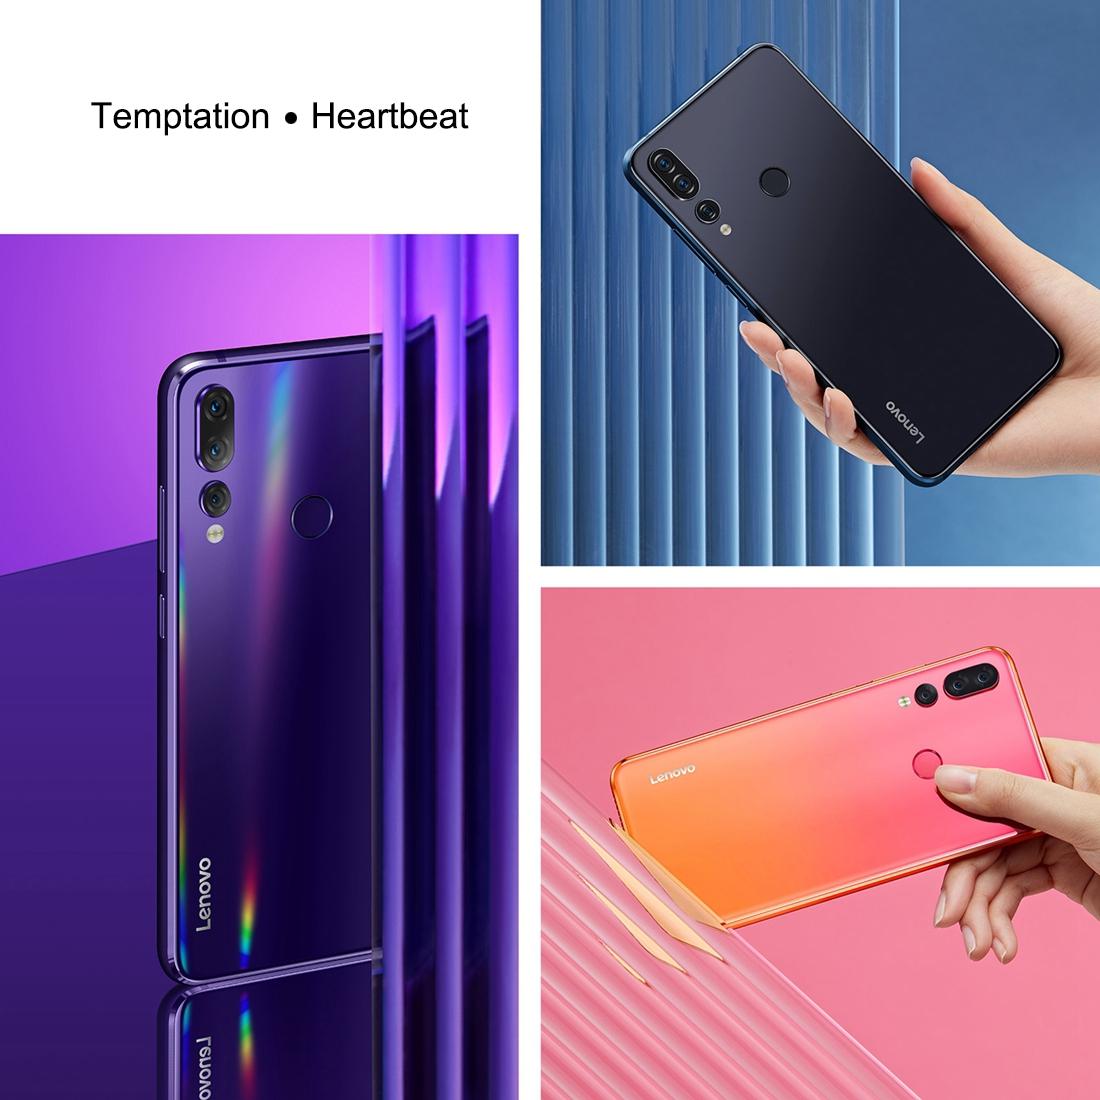 i.ibb.co/y6fCbkK/Smartphone-6-GB-de-RAM-128-GB-de-ROM-Lenovo-Z5s-17.jpg